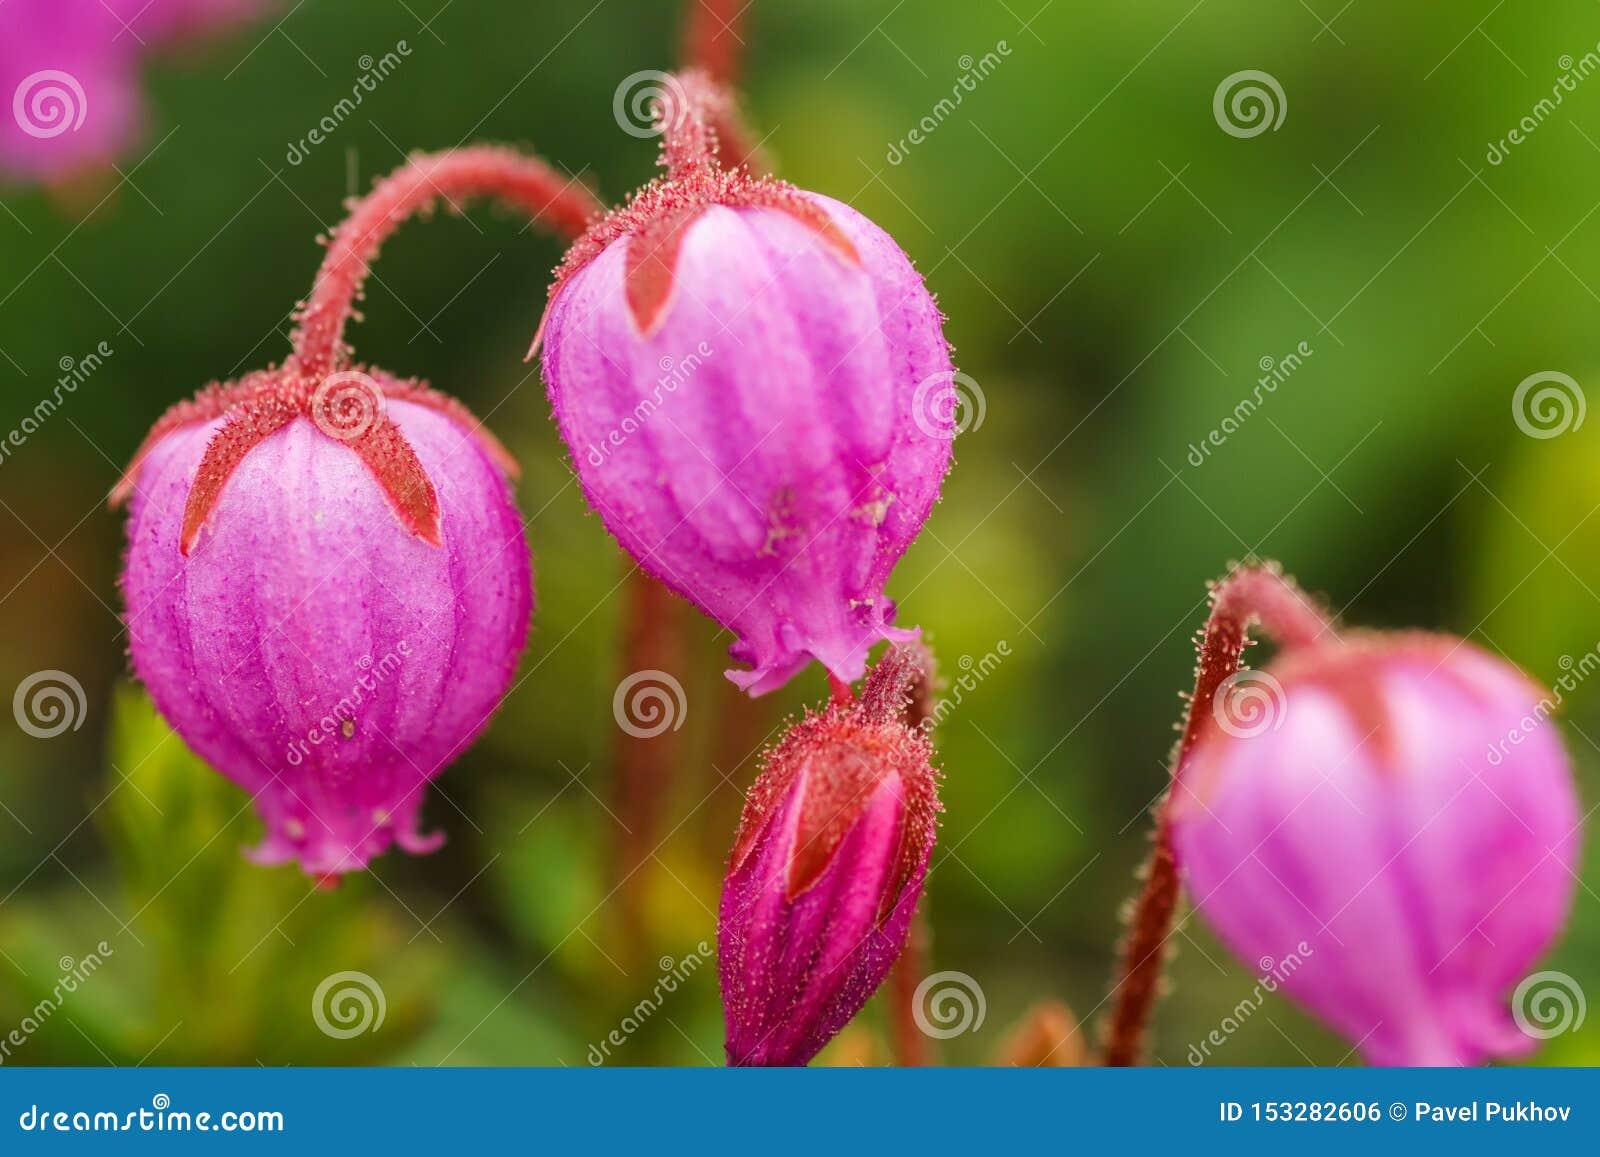 Caerulea del Phyllodoce - arbusto sempreverde fino a 30 cm alti